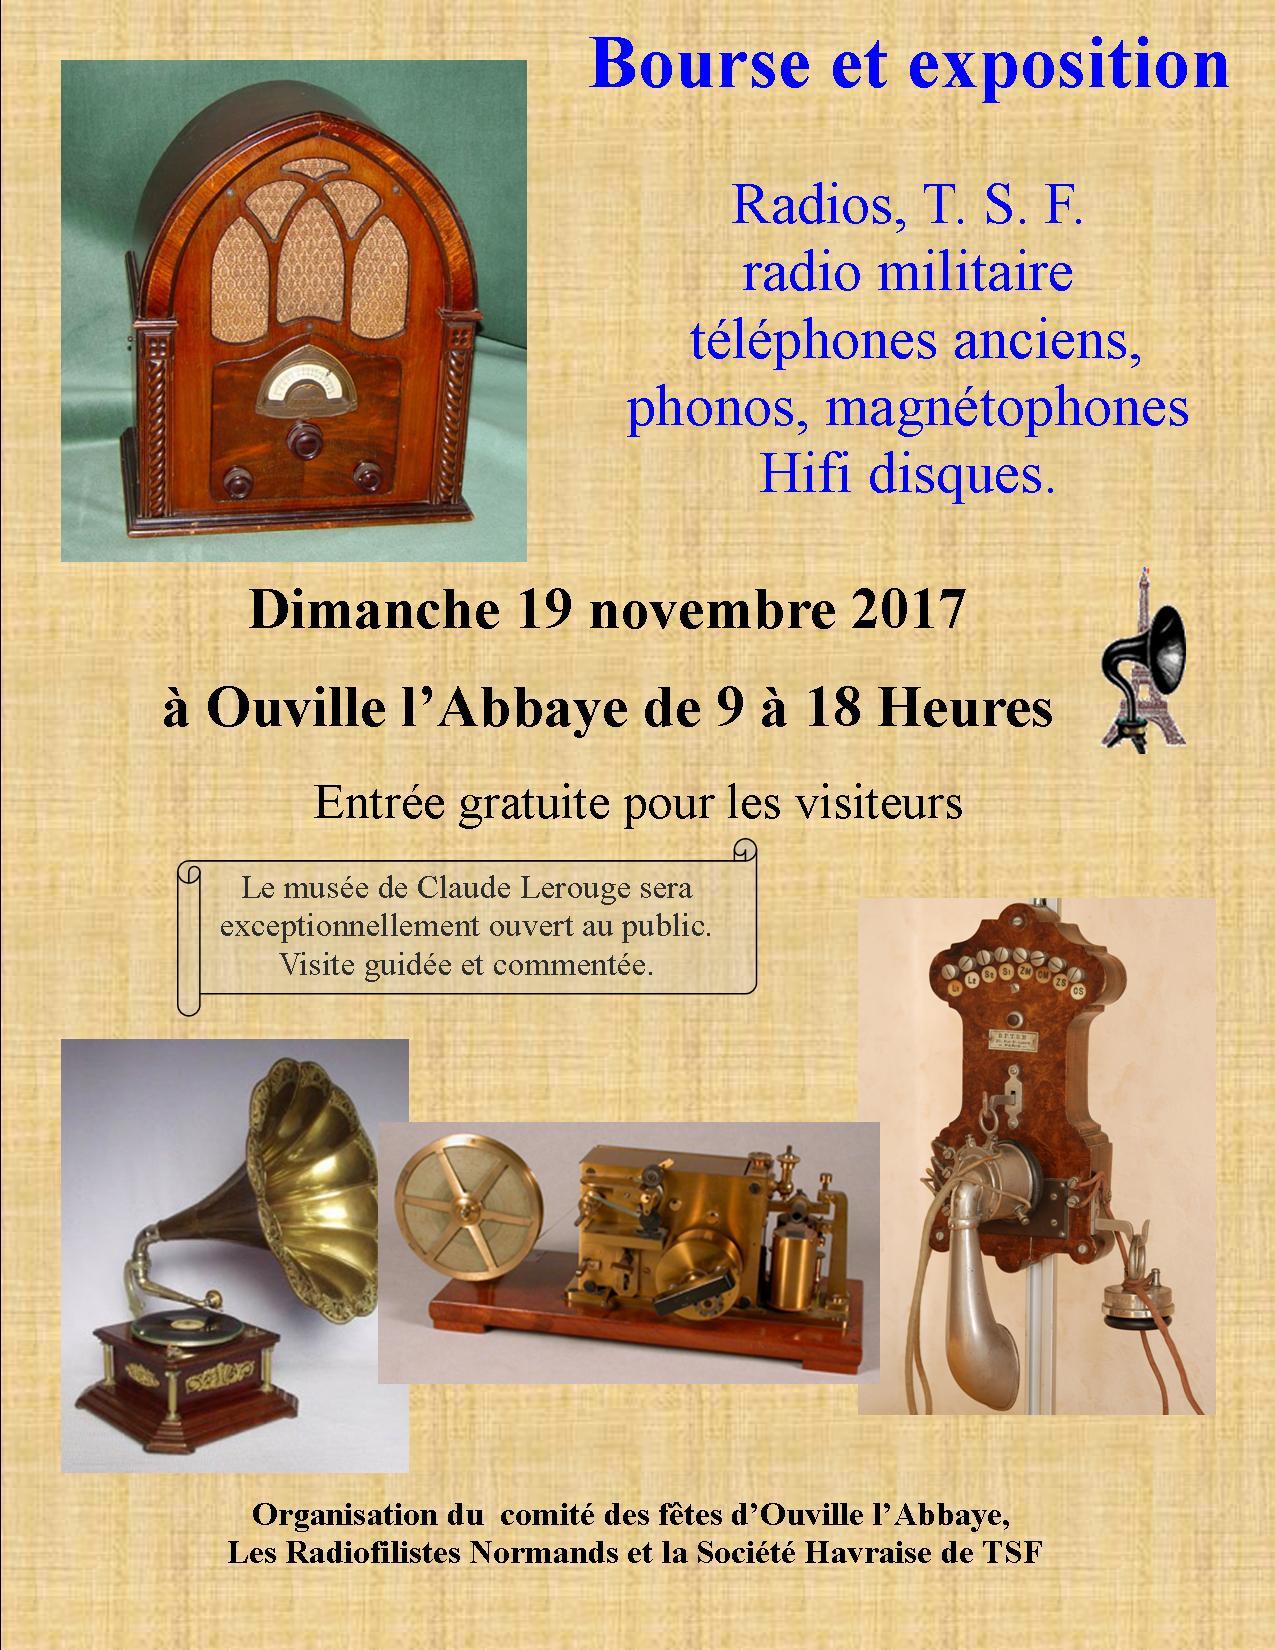 Bourse à Ouville l'Abbaye 19 novembre 2017